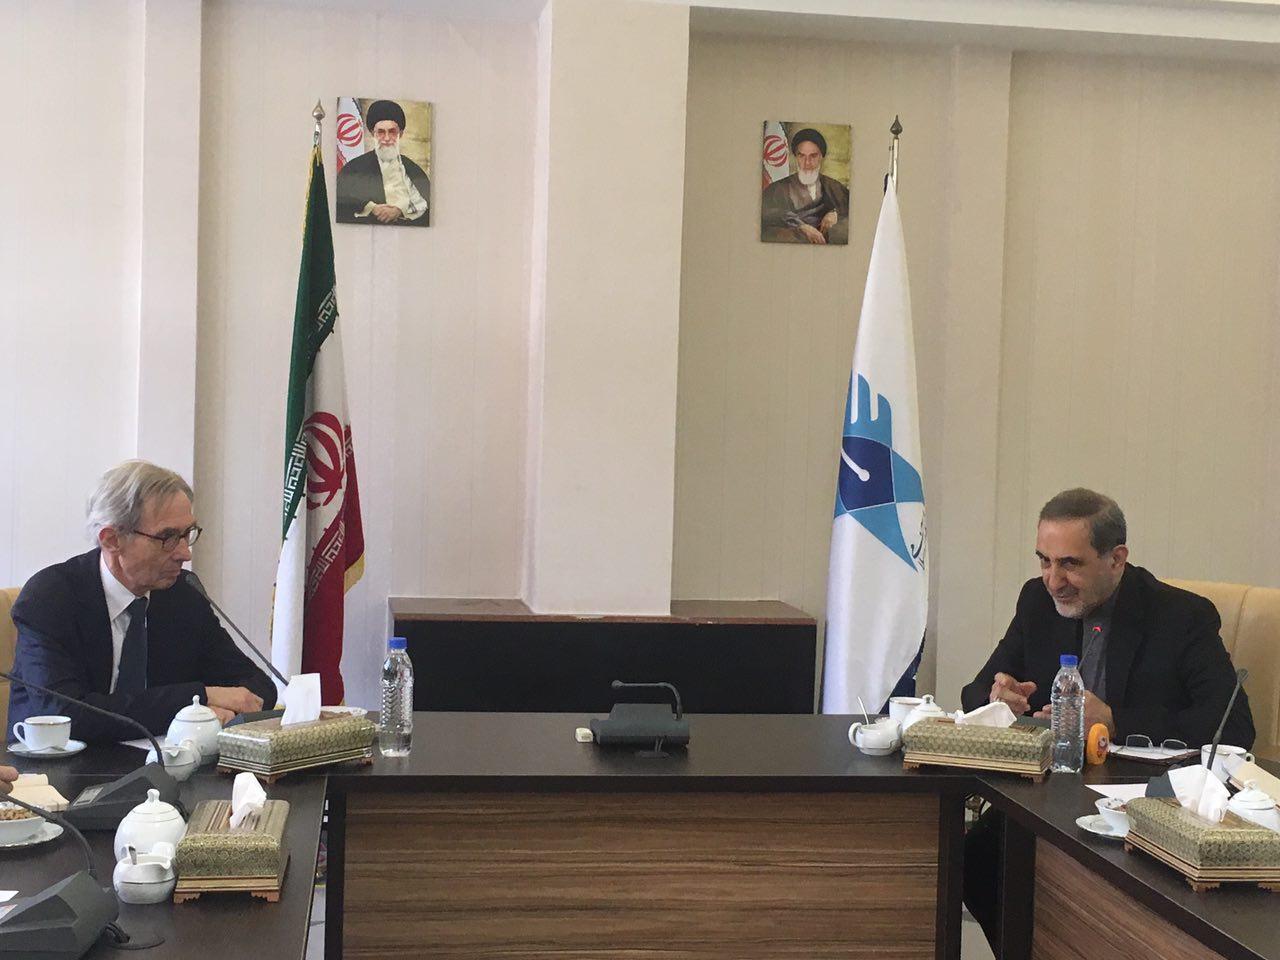 سیاست اصولی ایران حمایت از تمامیت ارضی کشورهای منطقه و مبارزه با تروریسم